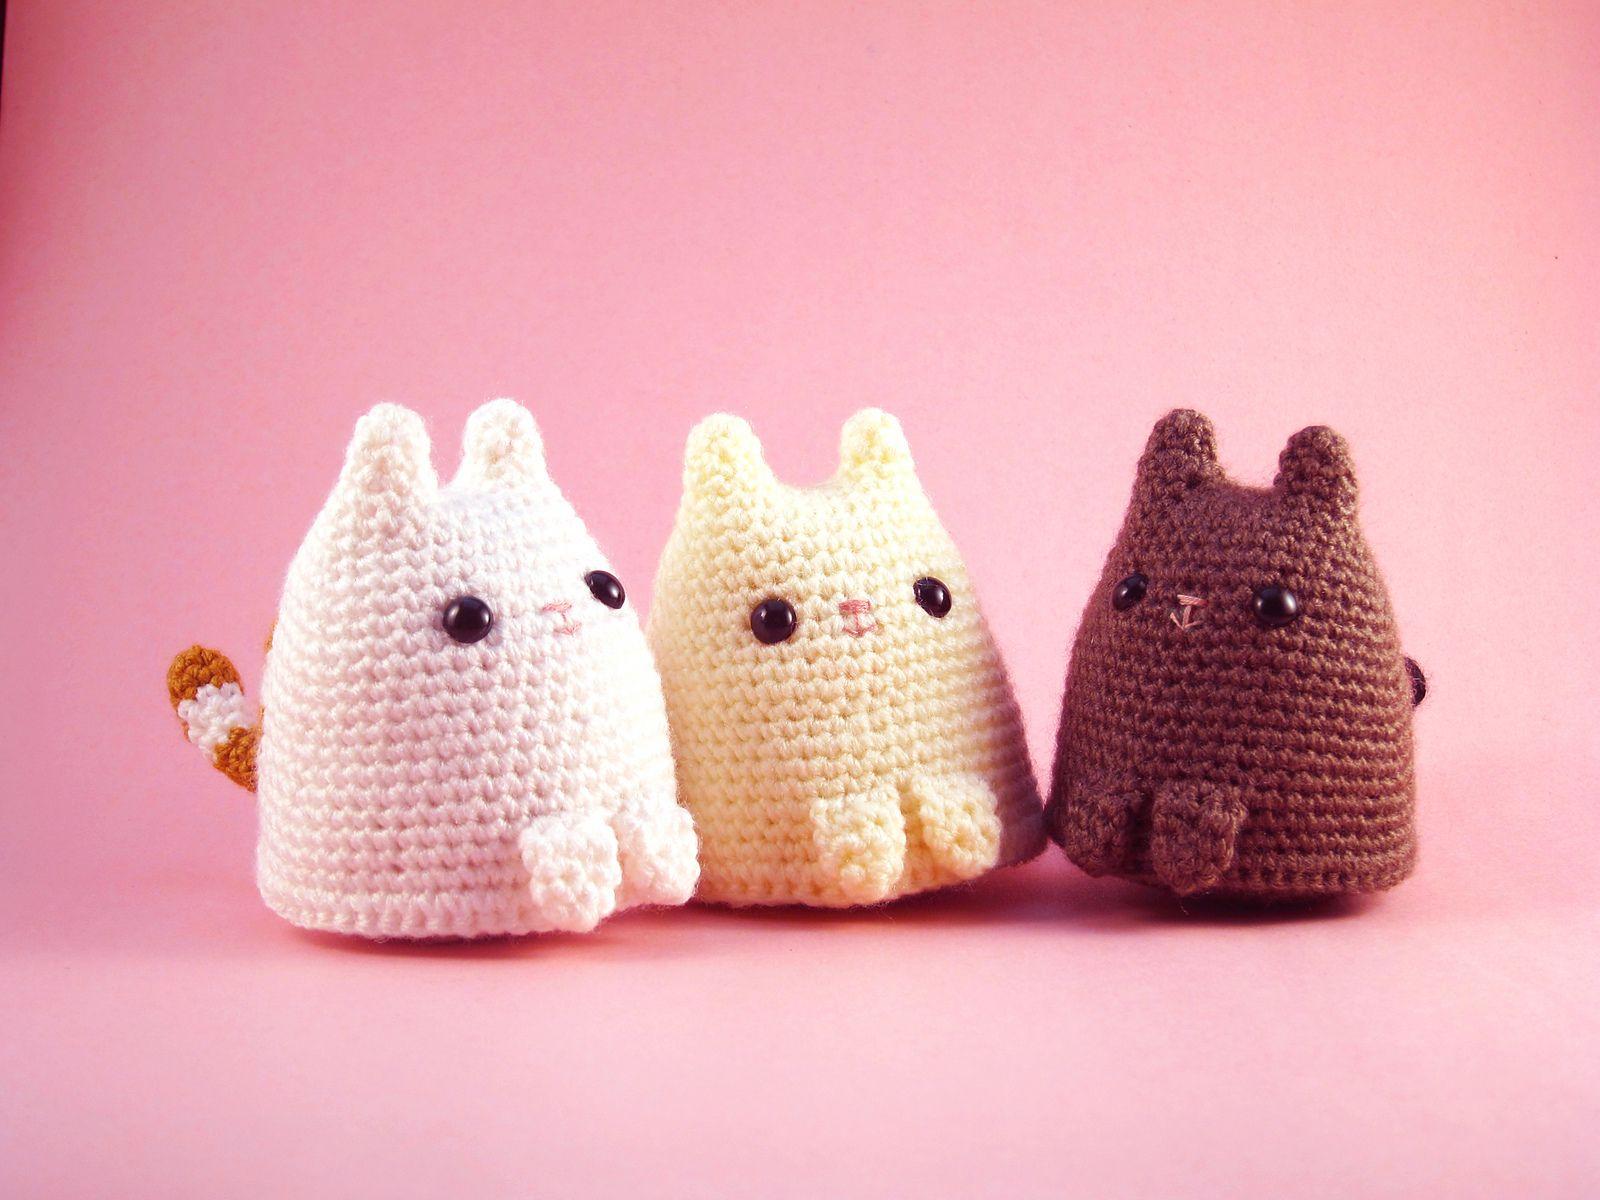 Ravelry: Dumpling Kitty by Sarah Sloyer | Geschnke | Pinterest ...